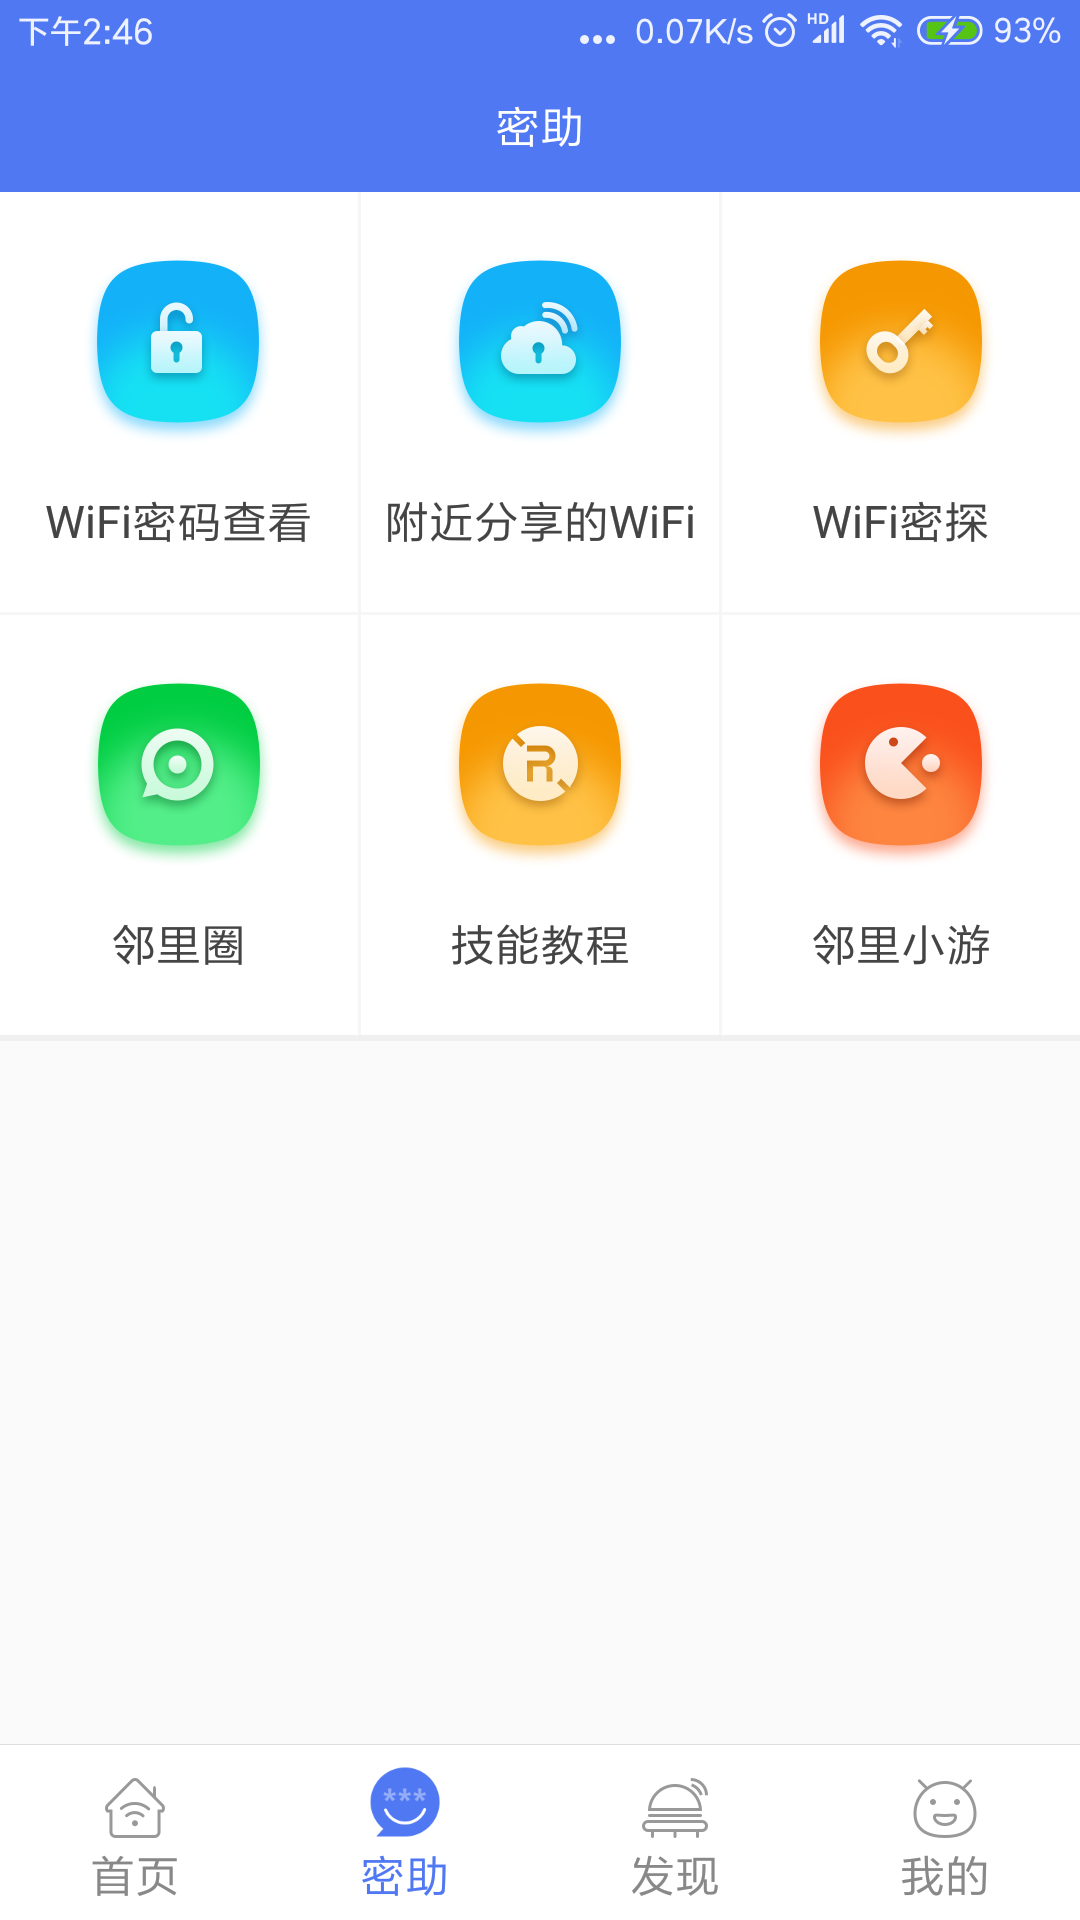 邻里WiFi